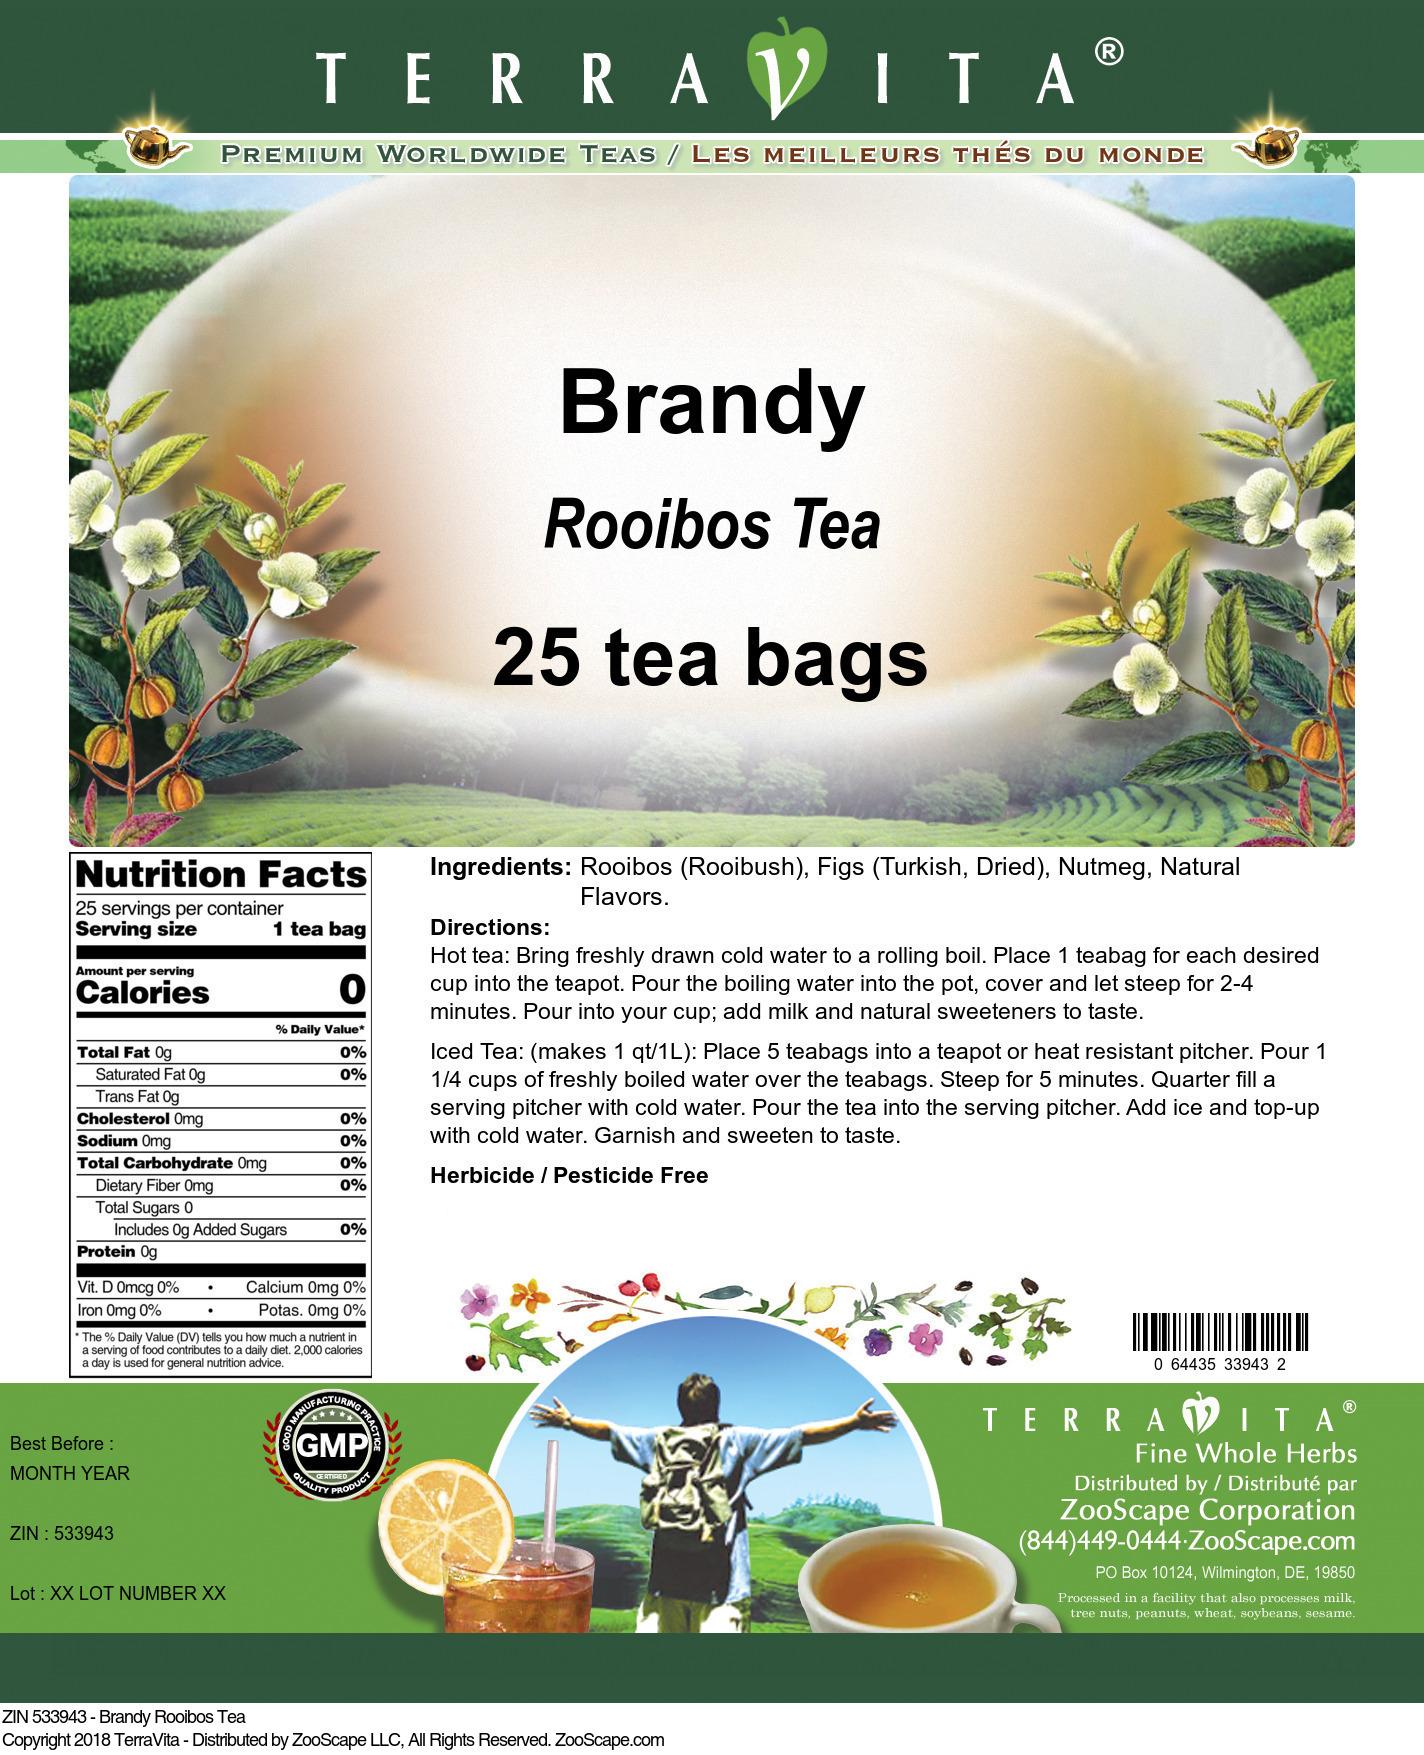 Brandy Rooibos Tea